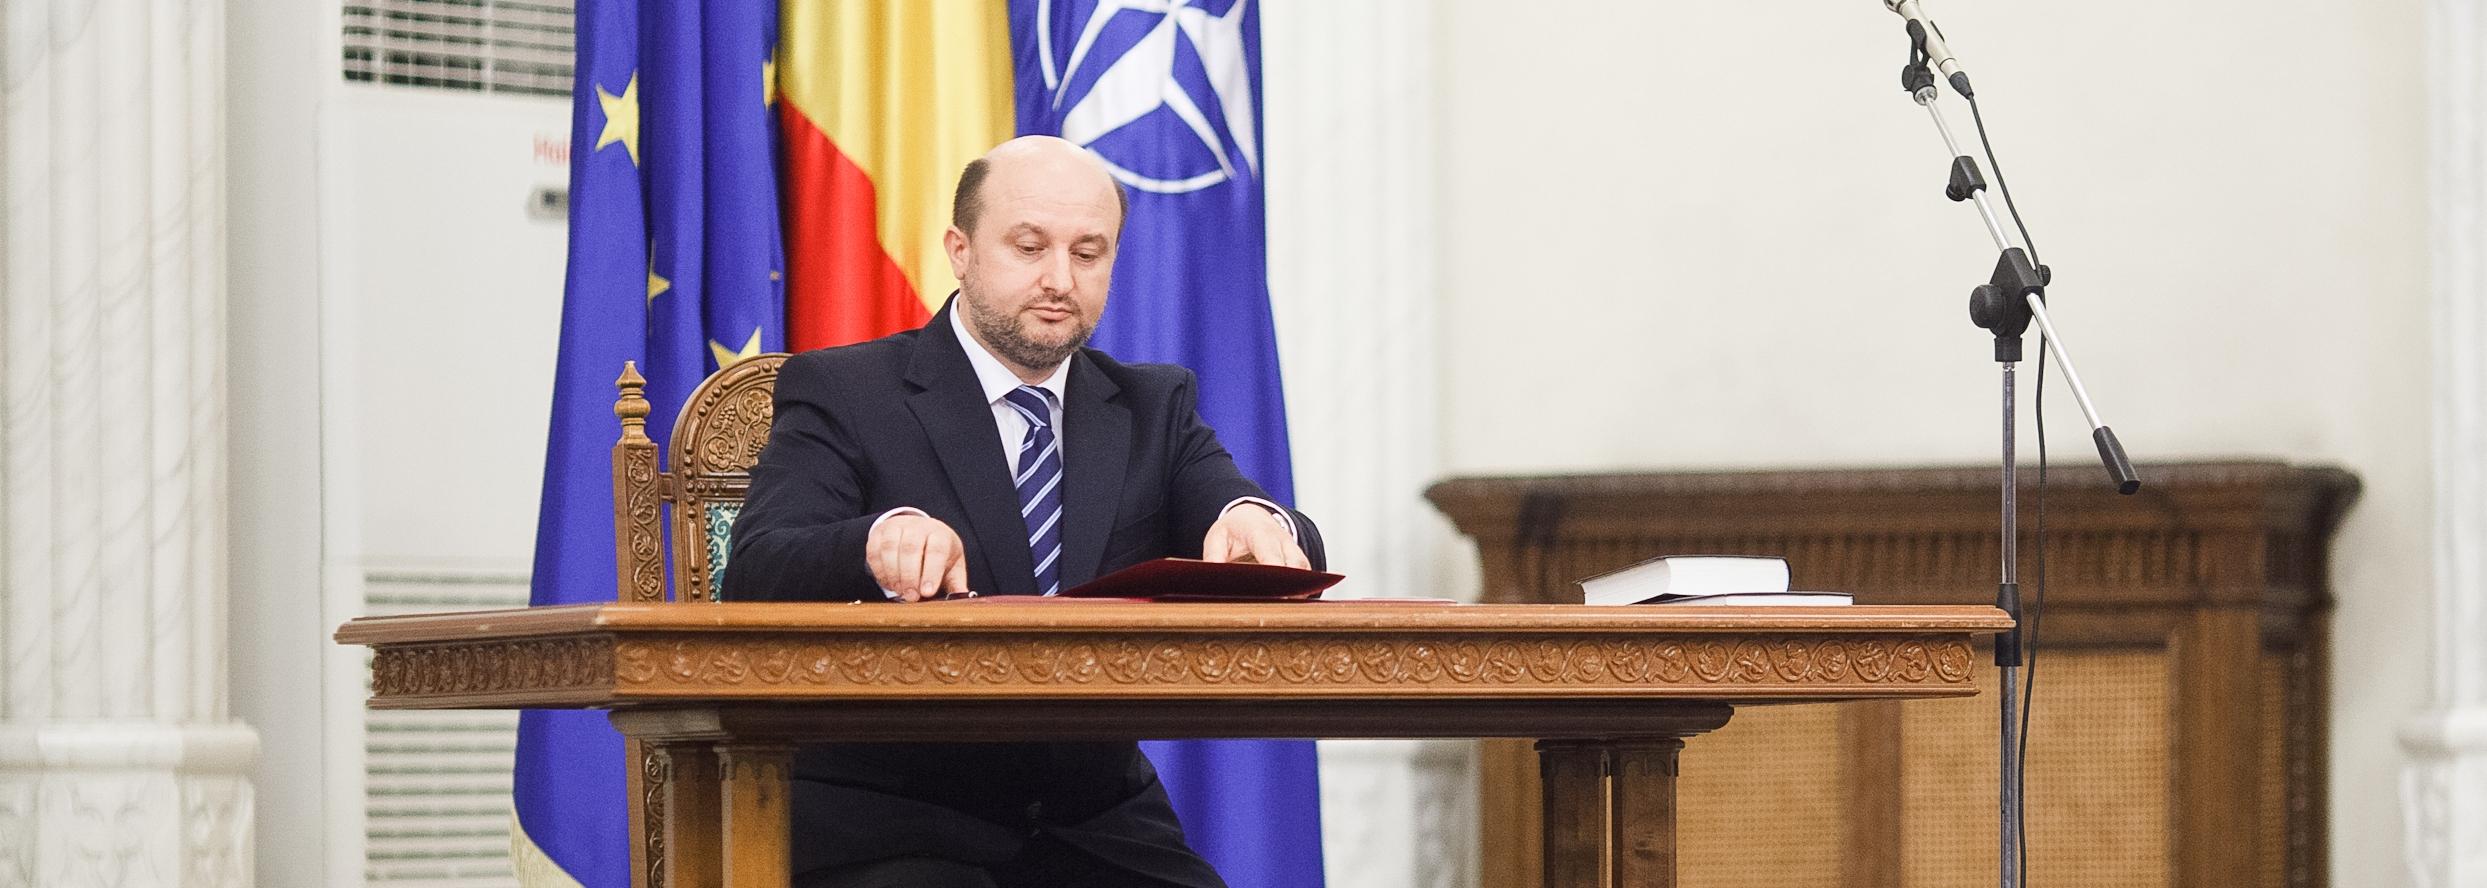 Dan Radu Rusanu a fost RETINUT in dosarul